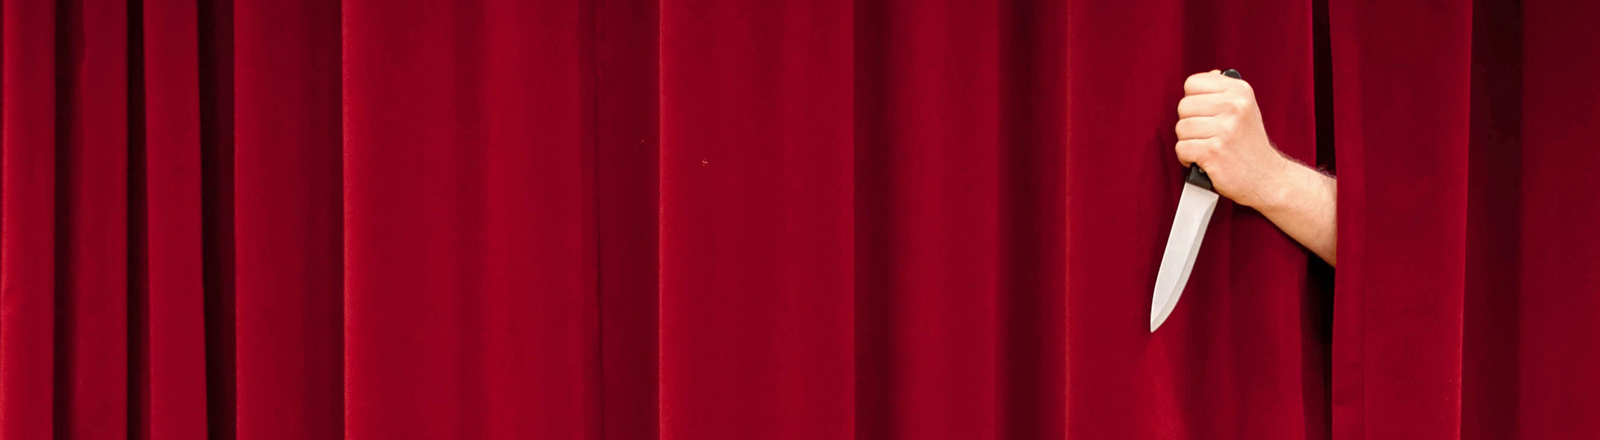 Zwischen einem roten Vorhang schiebt sich eine Hand durch, die ein Messer hält.